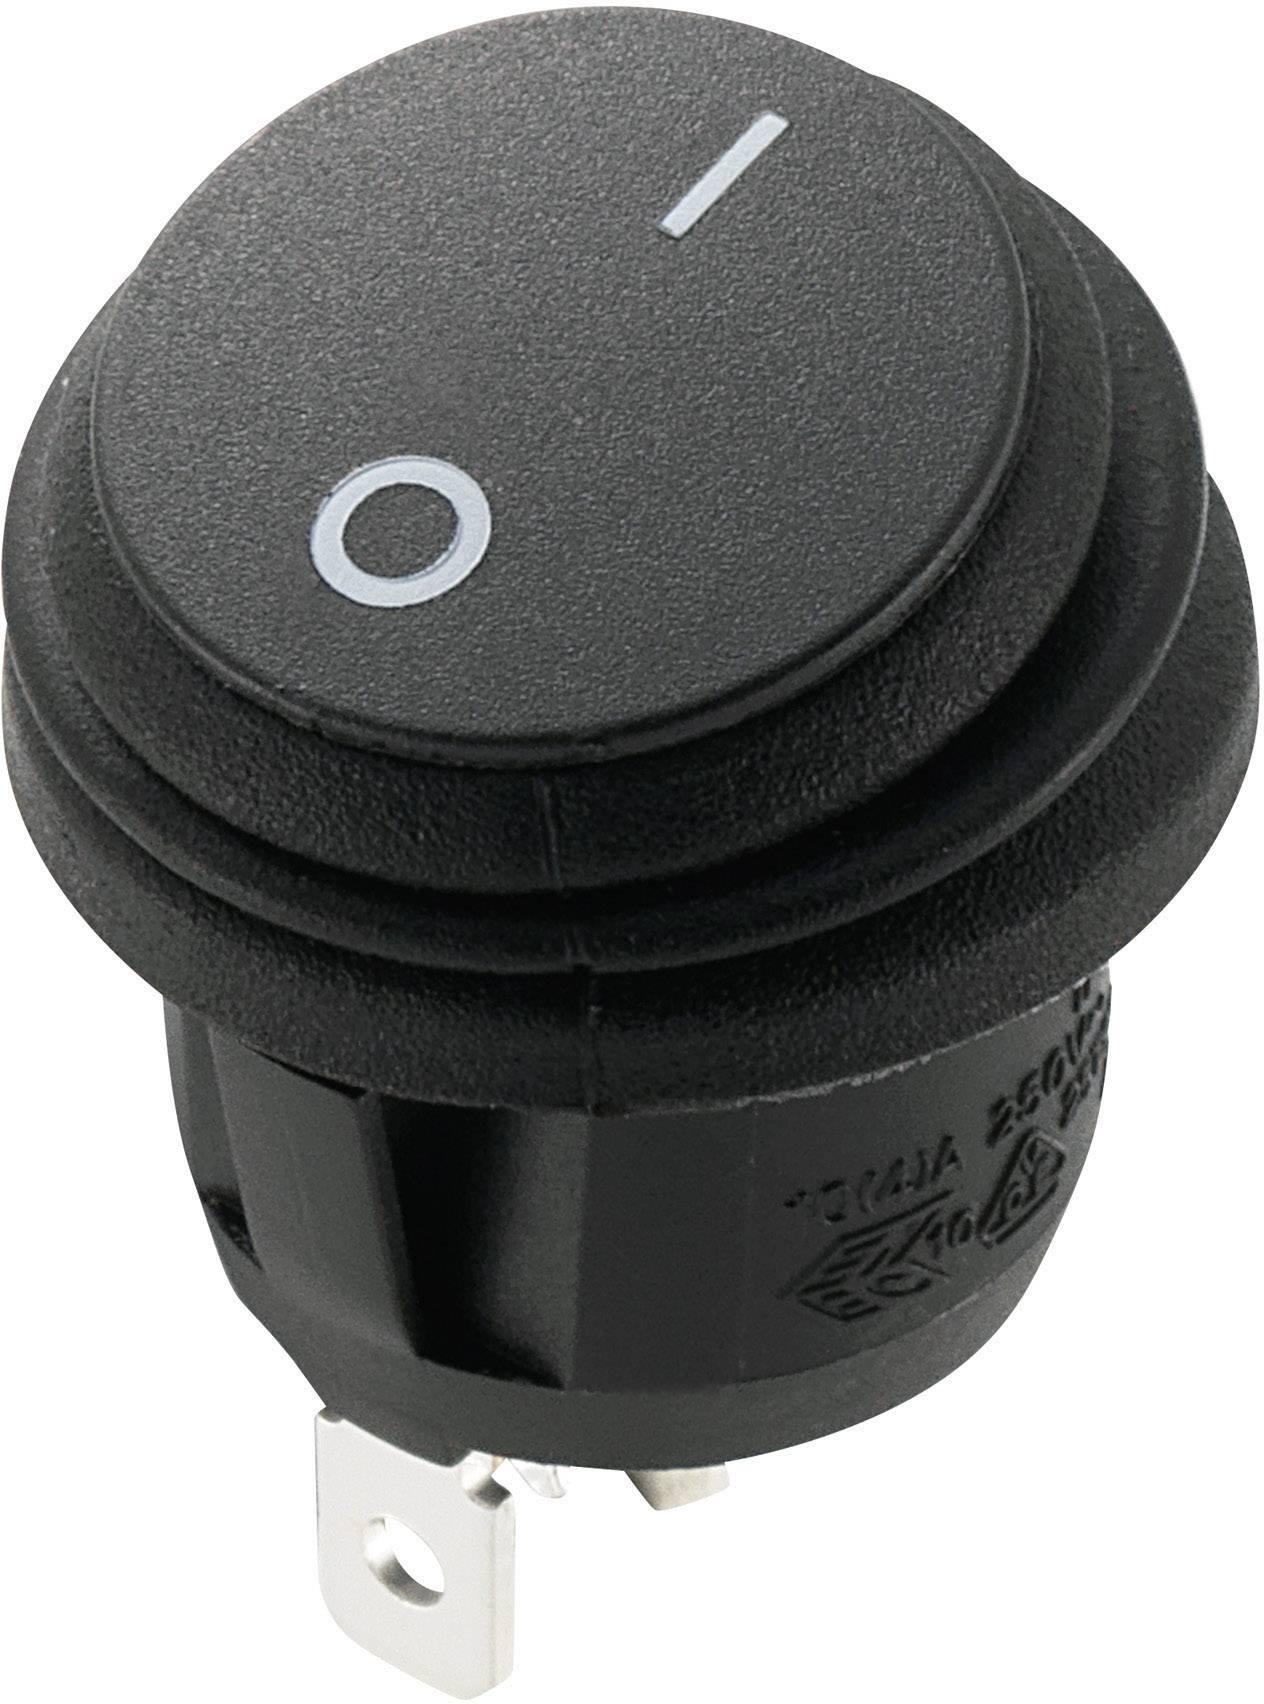 Kolískový spínač s aretáciou SCI R13-112A8-02, 250 V/AC, 10 A, 1x vyp/zap, 1 ks